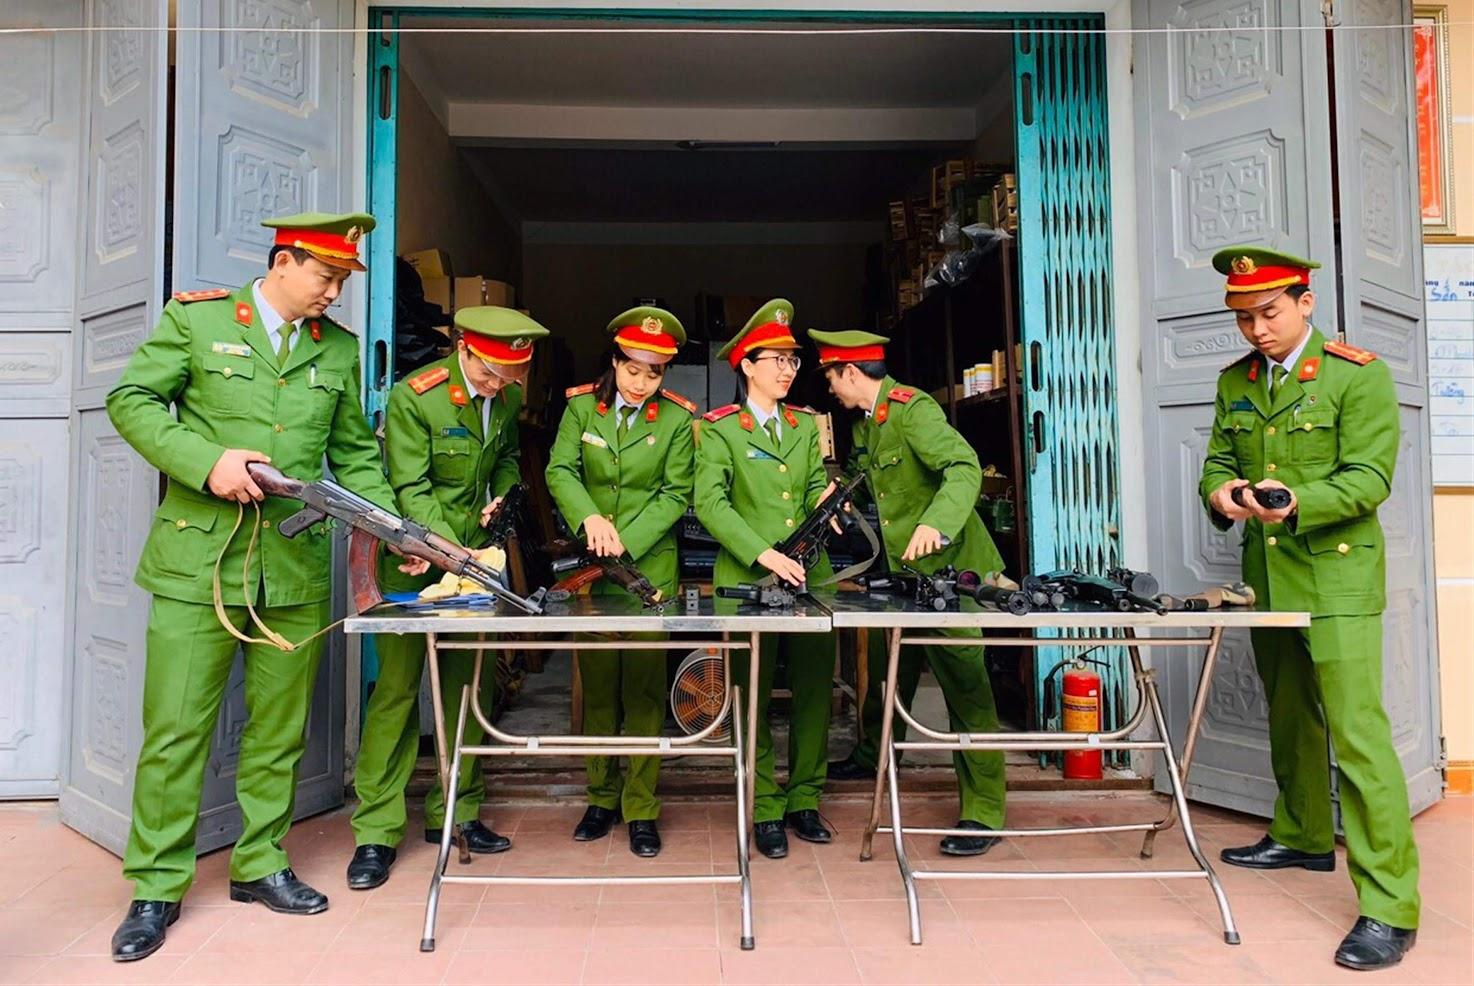 CBCS Đội Chính trị - Hậu cần quản lý tốt vũ khí, đạn dược,                                       sẵn sàng đáp ứng nhiệm vụ trong mọi tình huống